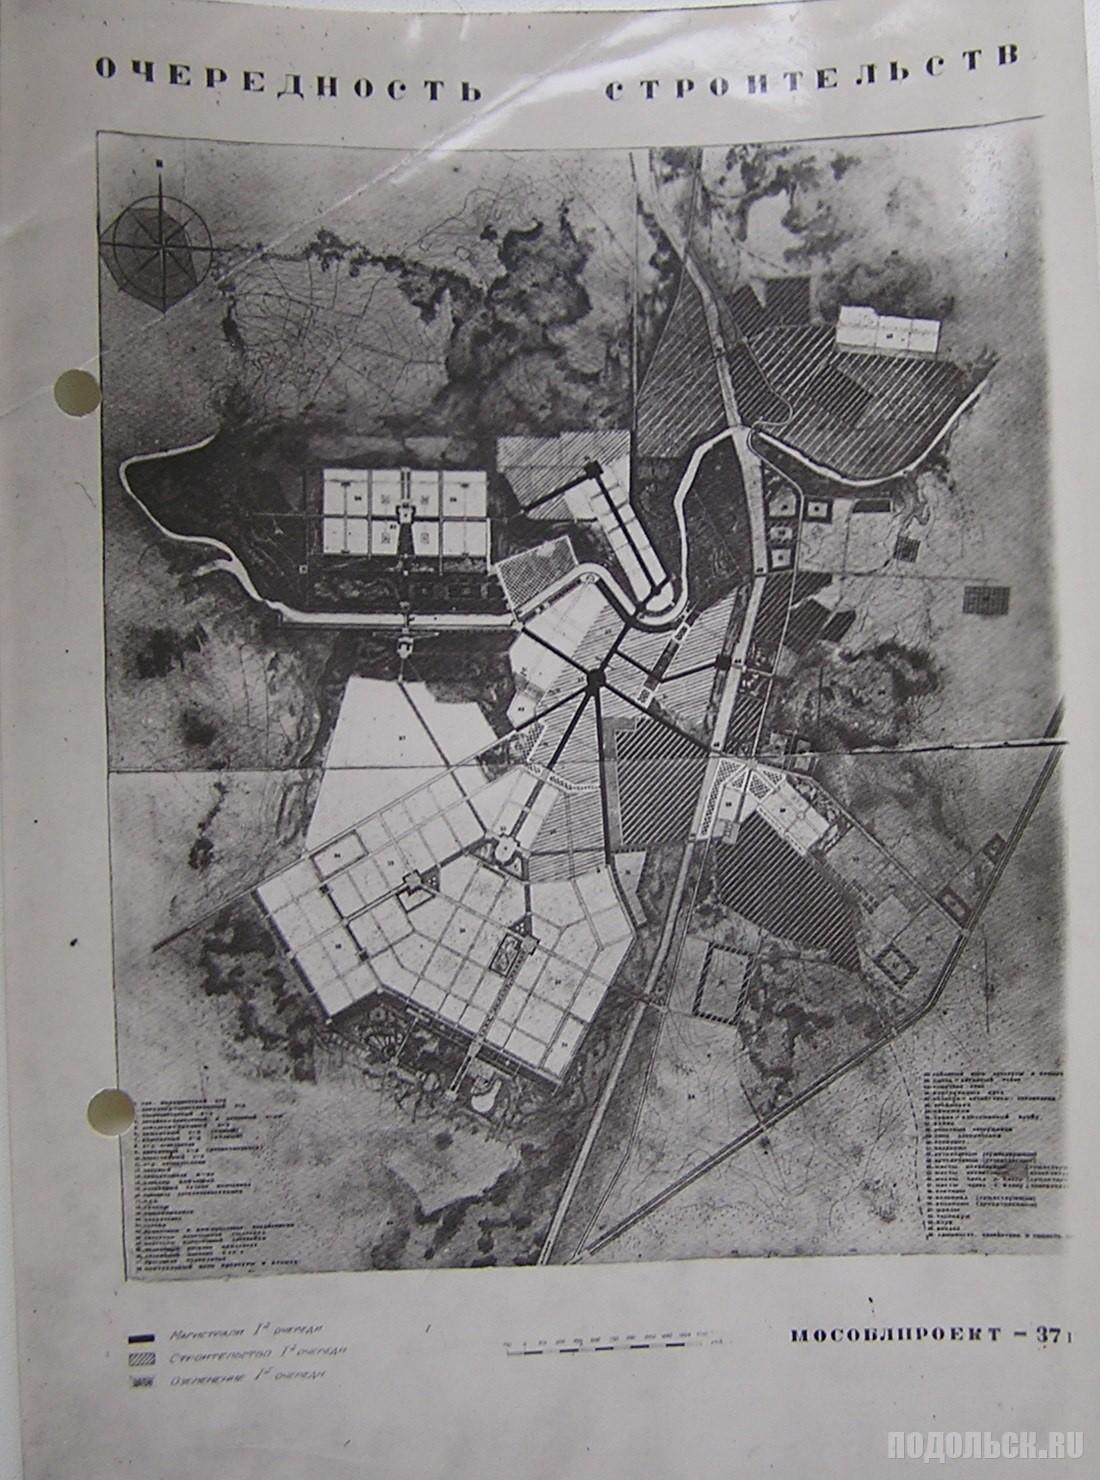 Очередность строительства в Подольске. 1937 г.